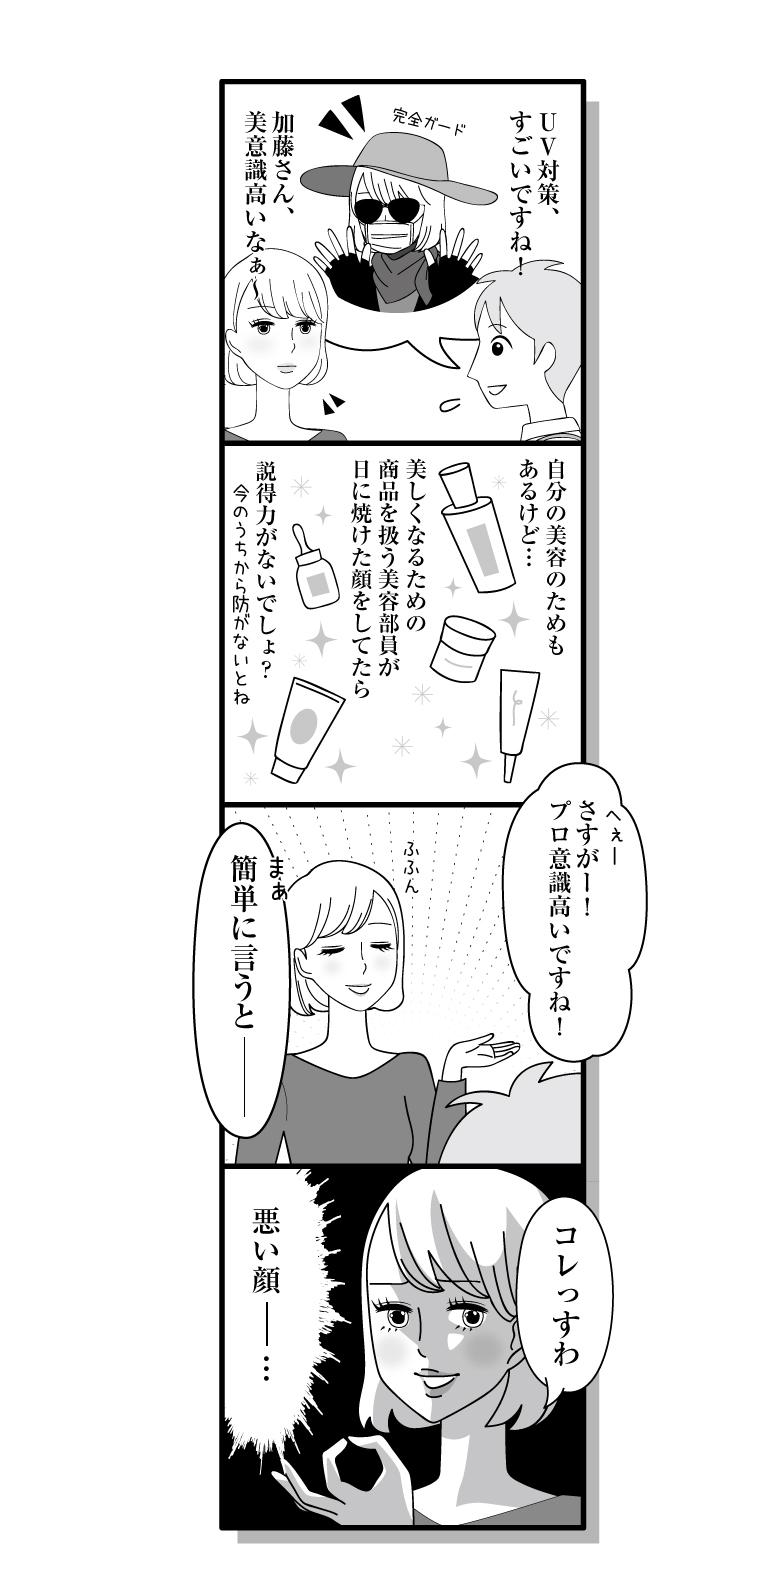 180519_manga